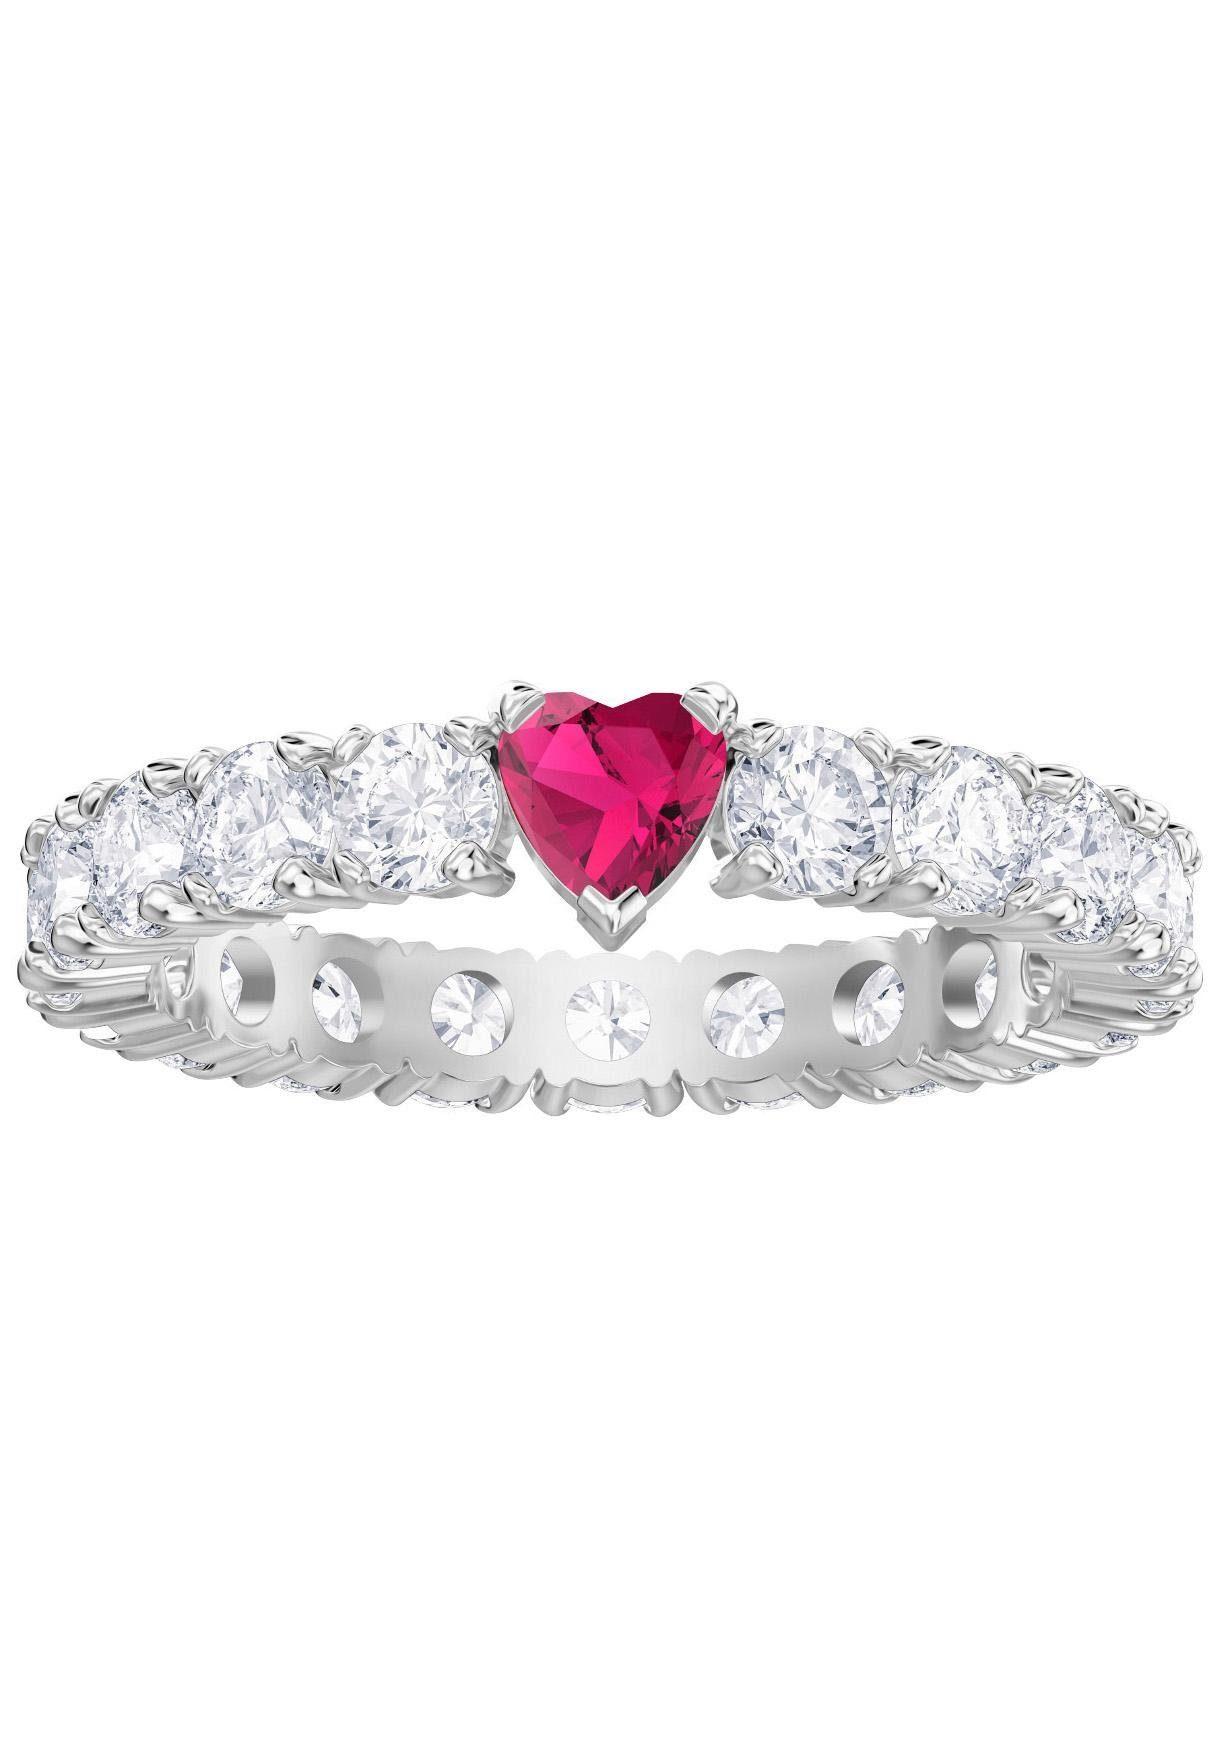 Swarovski Fingerring Herz Love Ring weiss rhodiniert 5412065 5412016 5391767 5412054